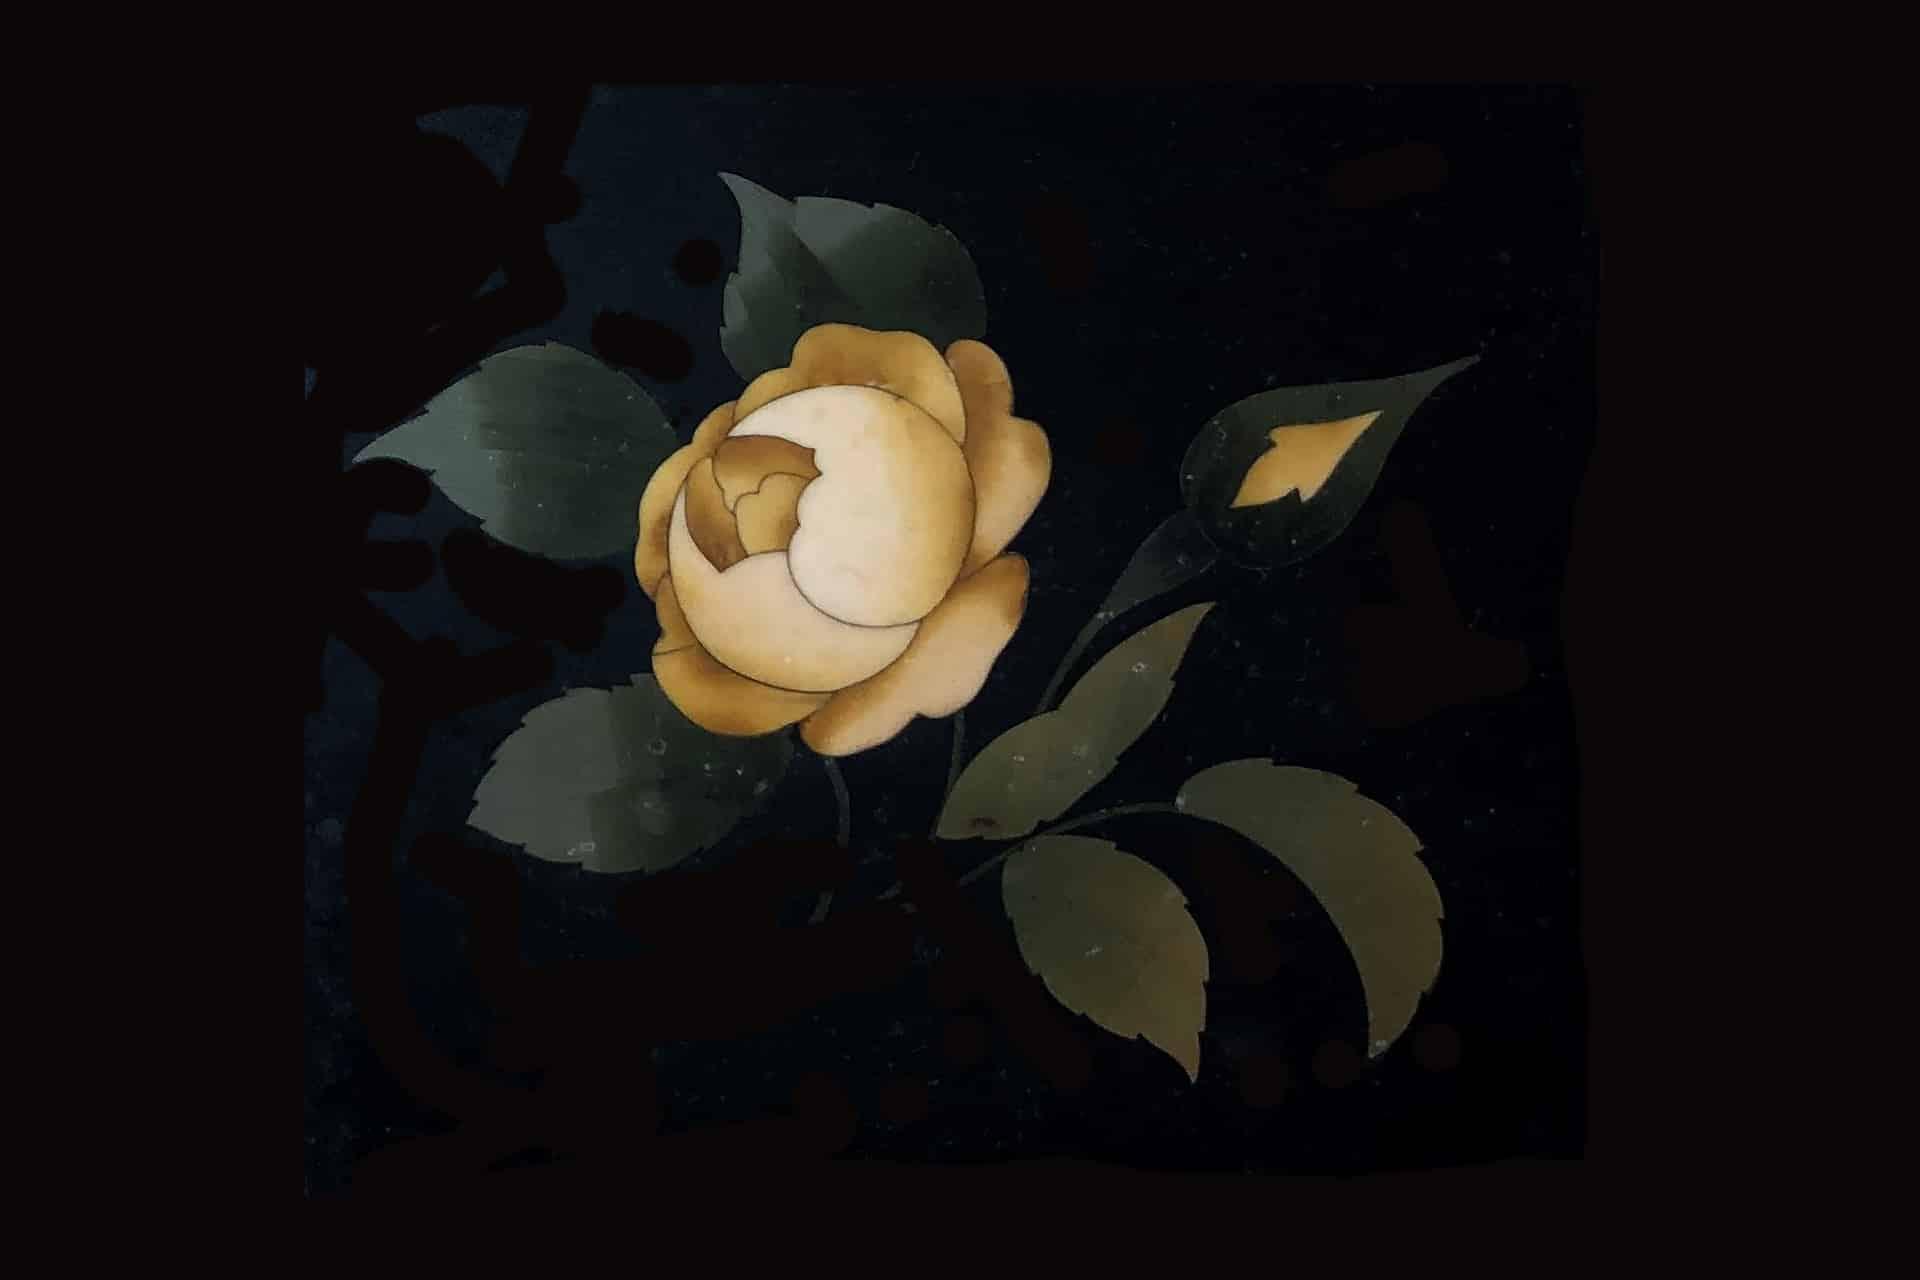 Un rosa in pietra dura realizzata con la tecnica del commesso fiorentino